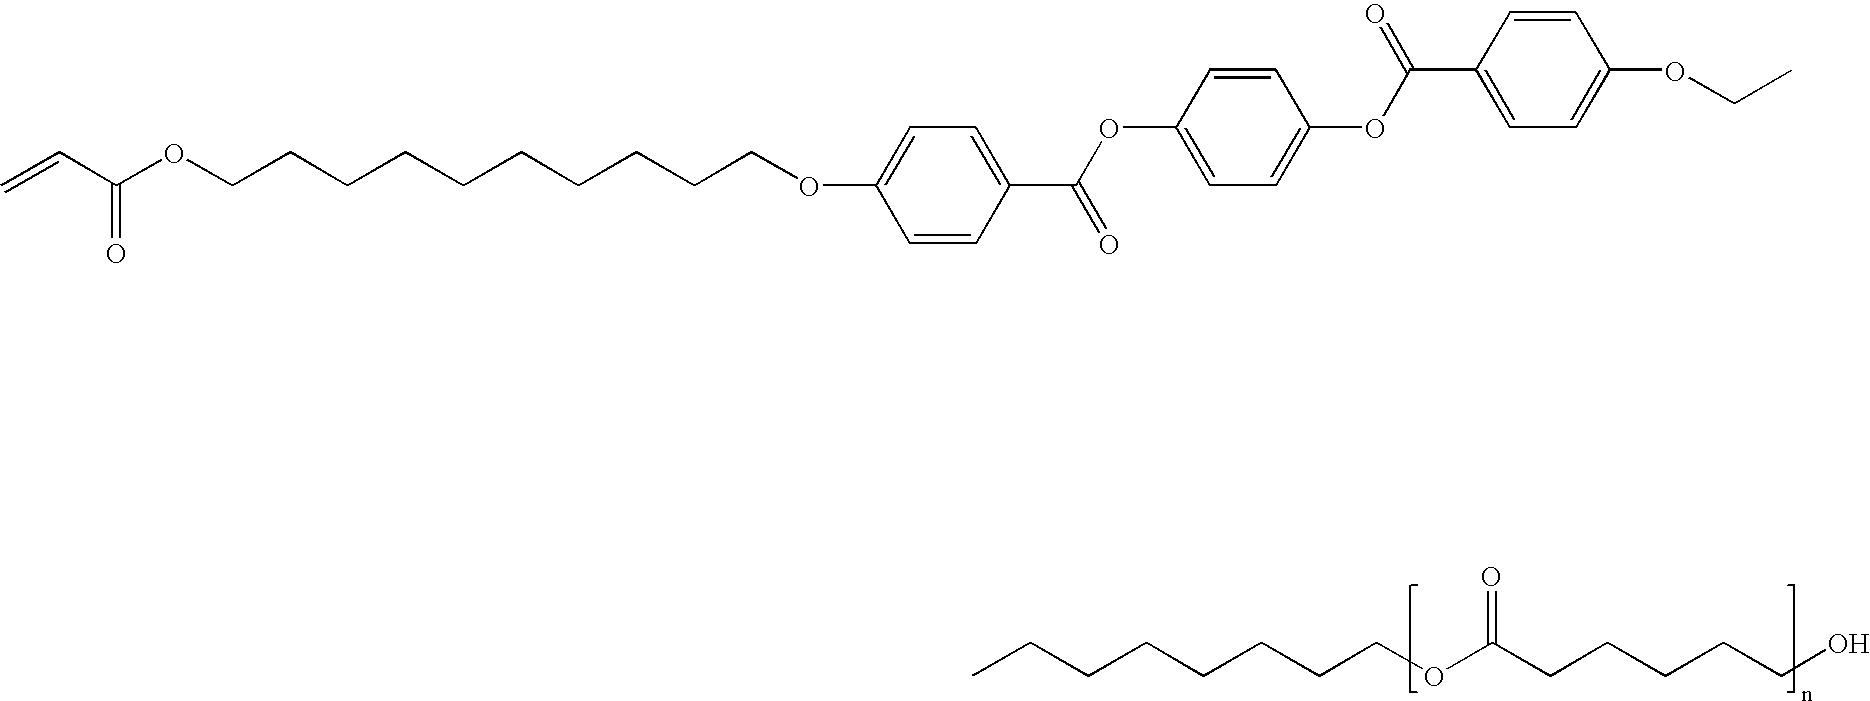 Figure US20100014010A1-20100121-C00135